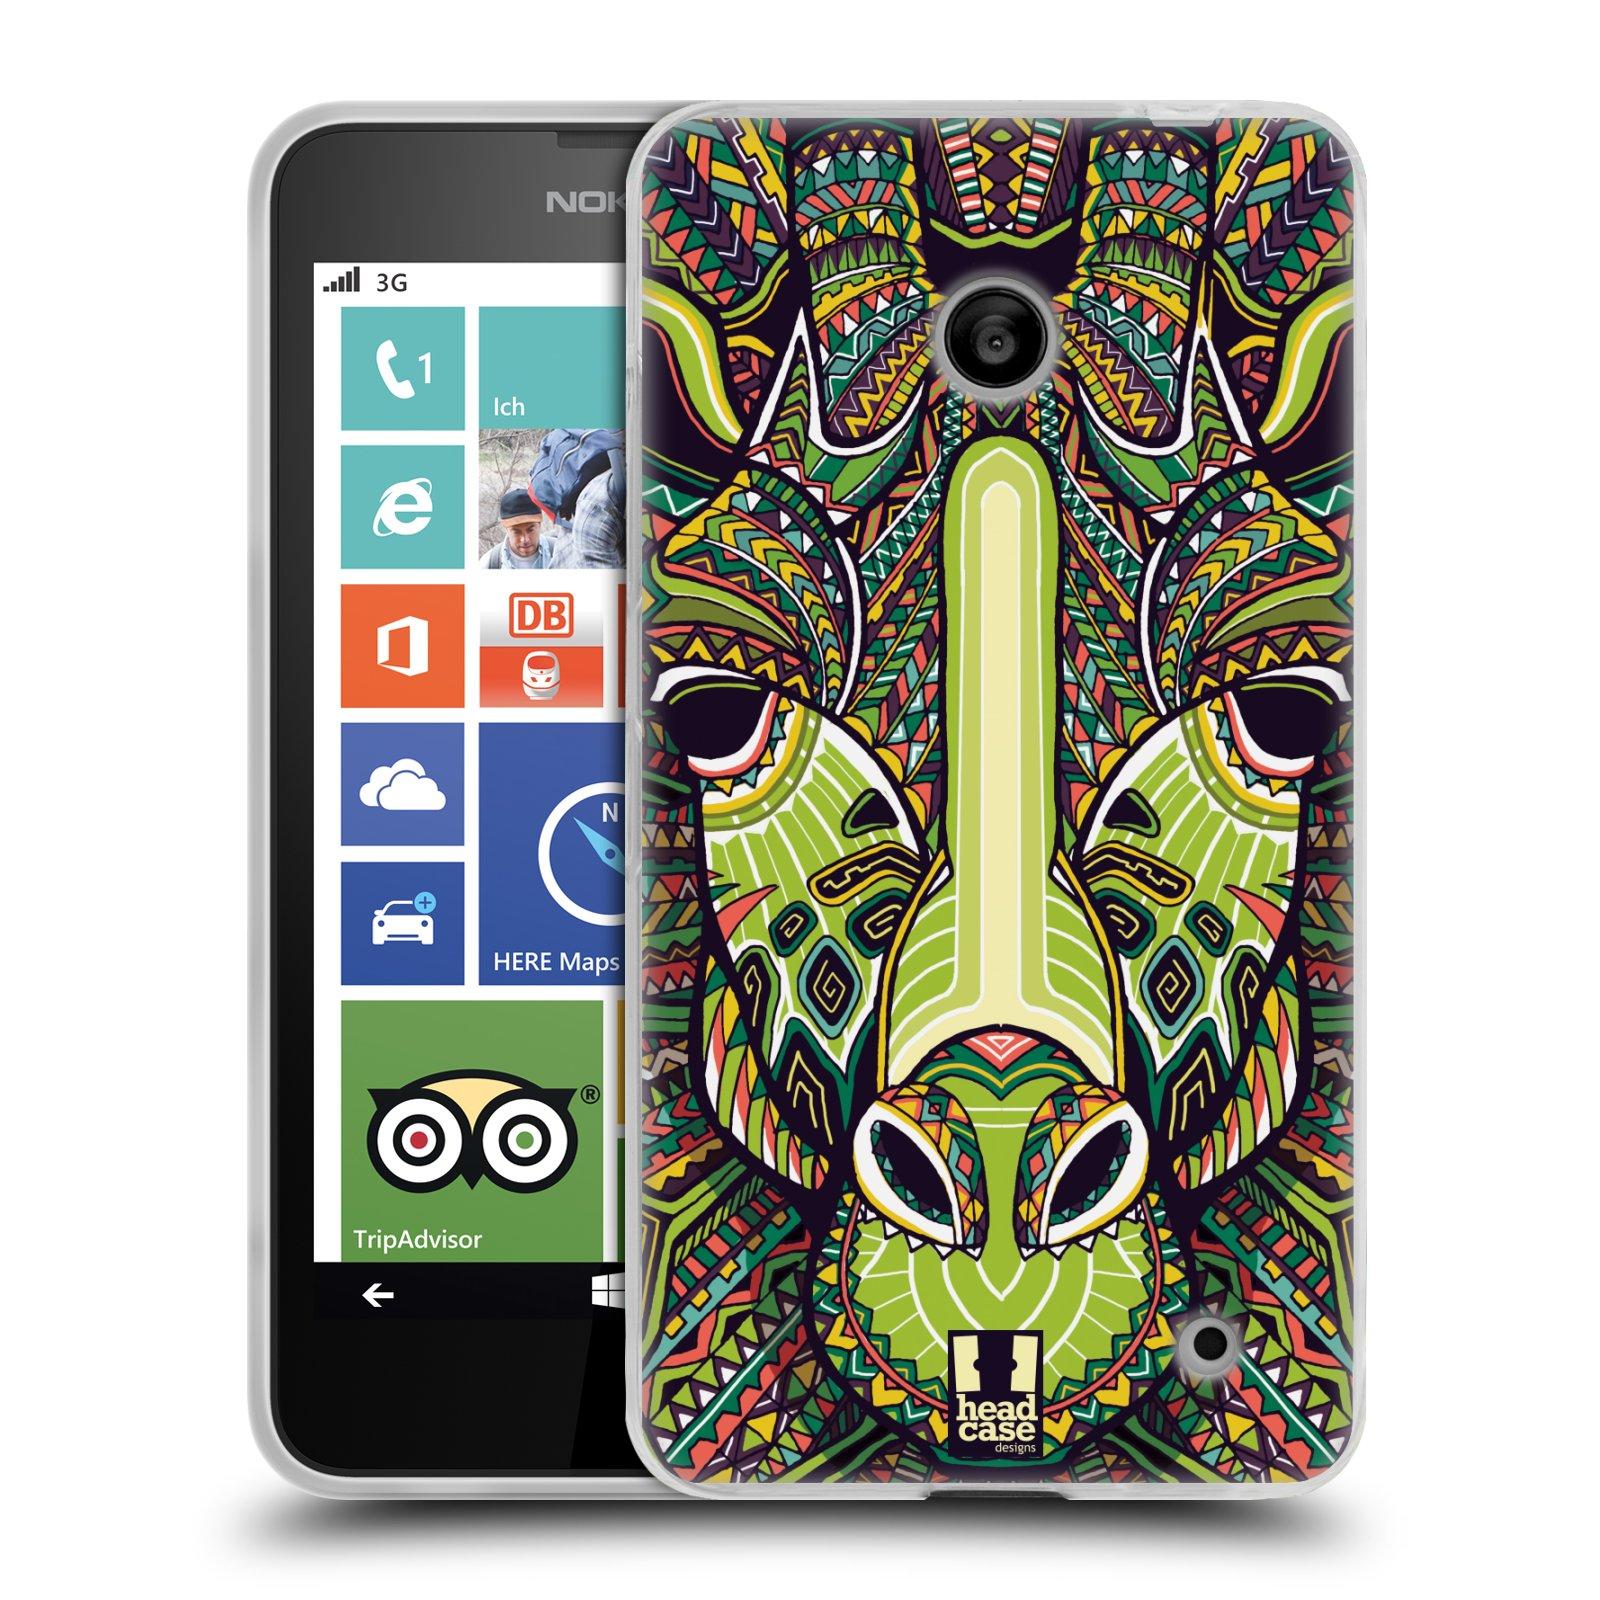 Silikonové pouzdro na mobil Nokia Lumia 630 HEAD CASE AZTEC ŽIRAFA (Silikonový kryt či obal na mobilní telefon Nokia Lumia 630 a Nokia Lumia 630 Dual SIM)